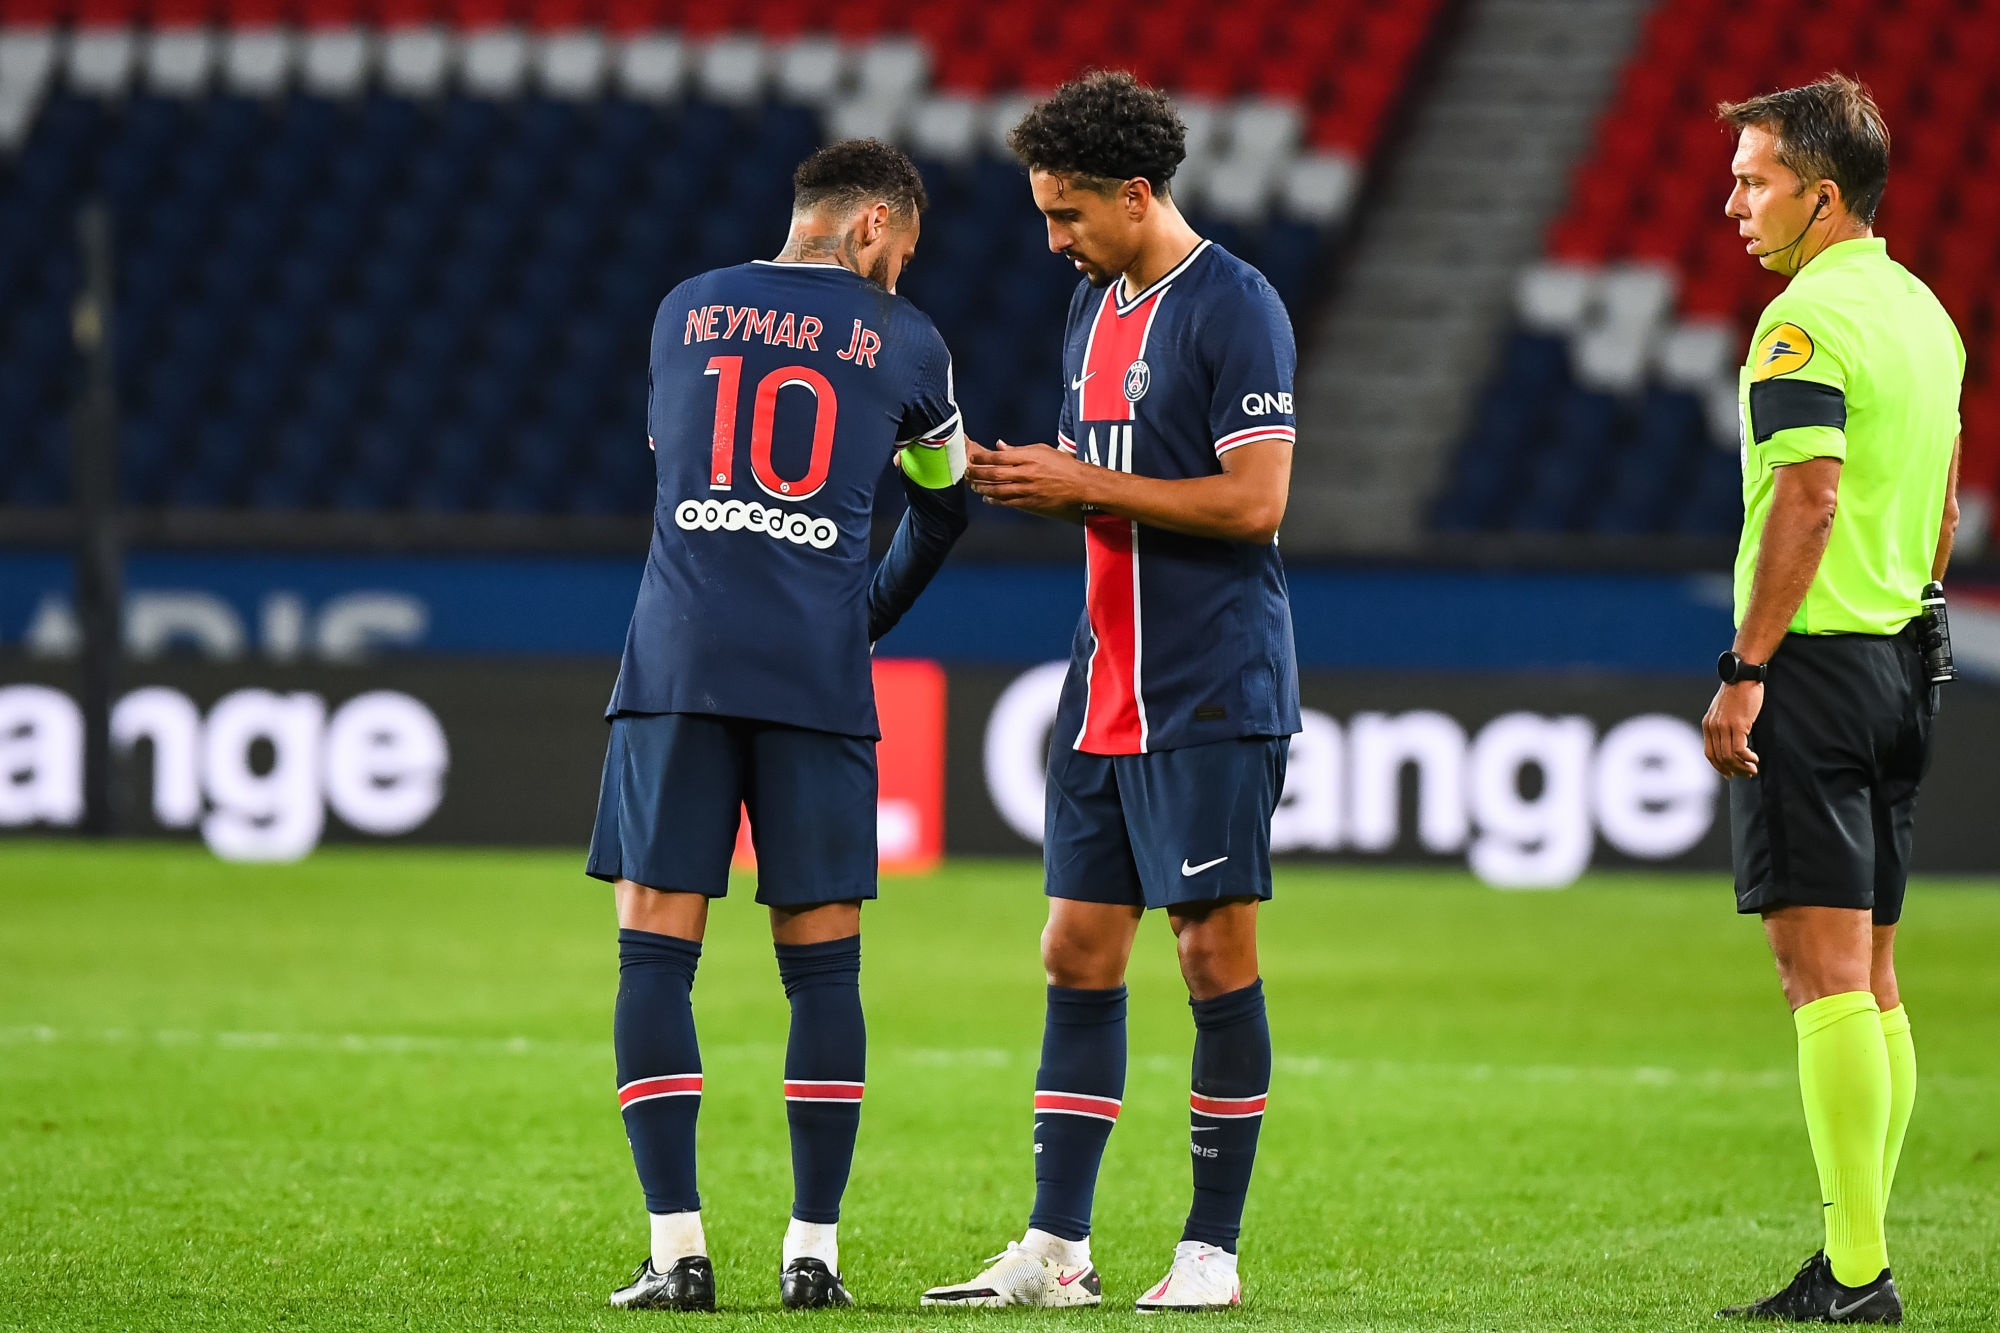 PSG/Dijon - Neymar a été capitaine pour la première fois avec Paris